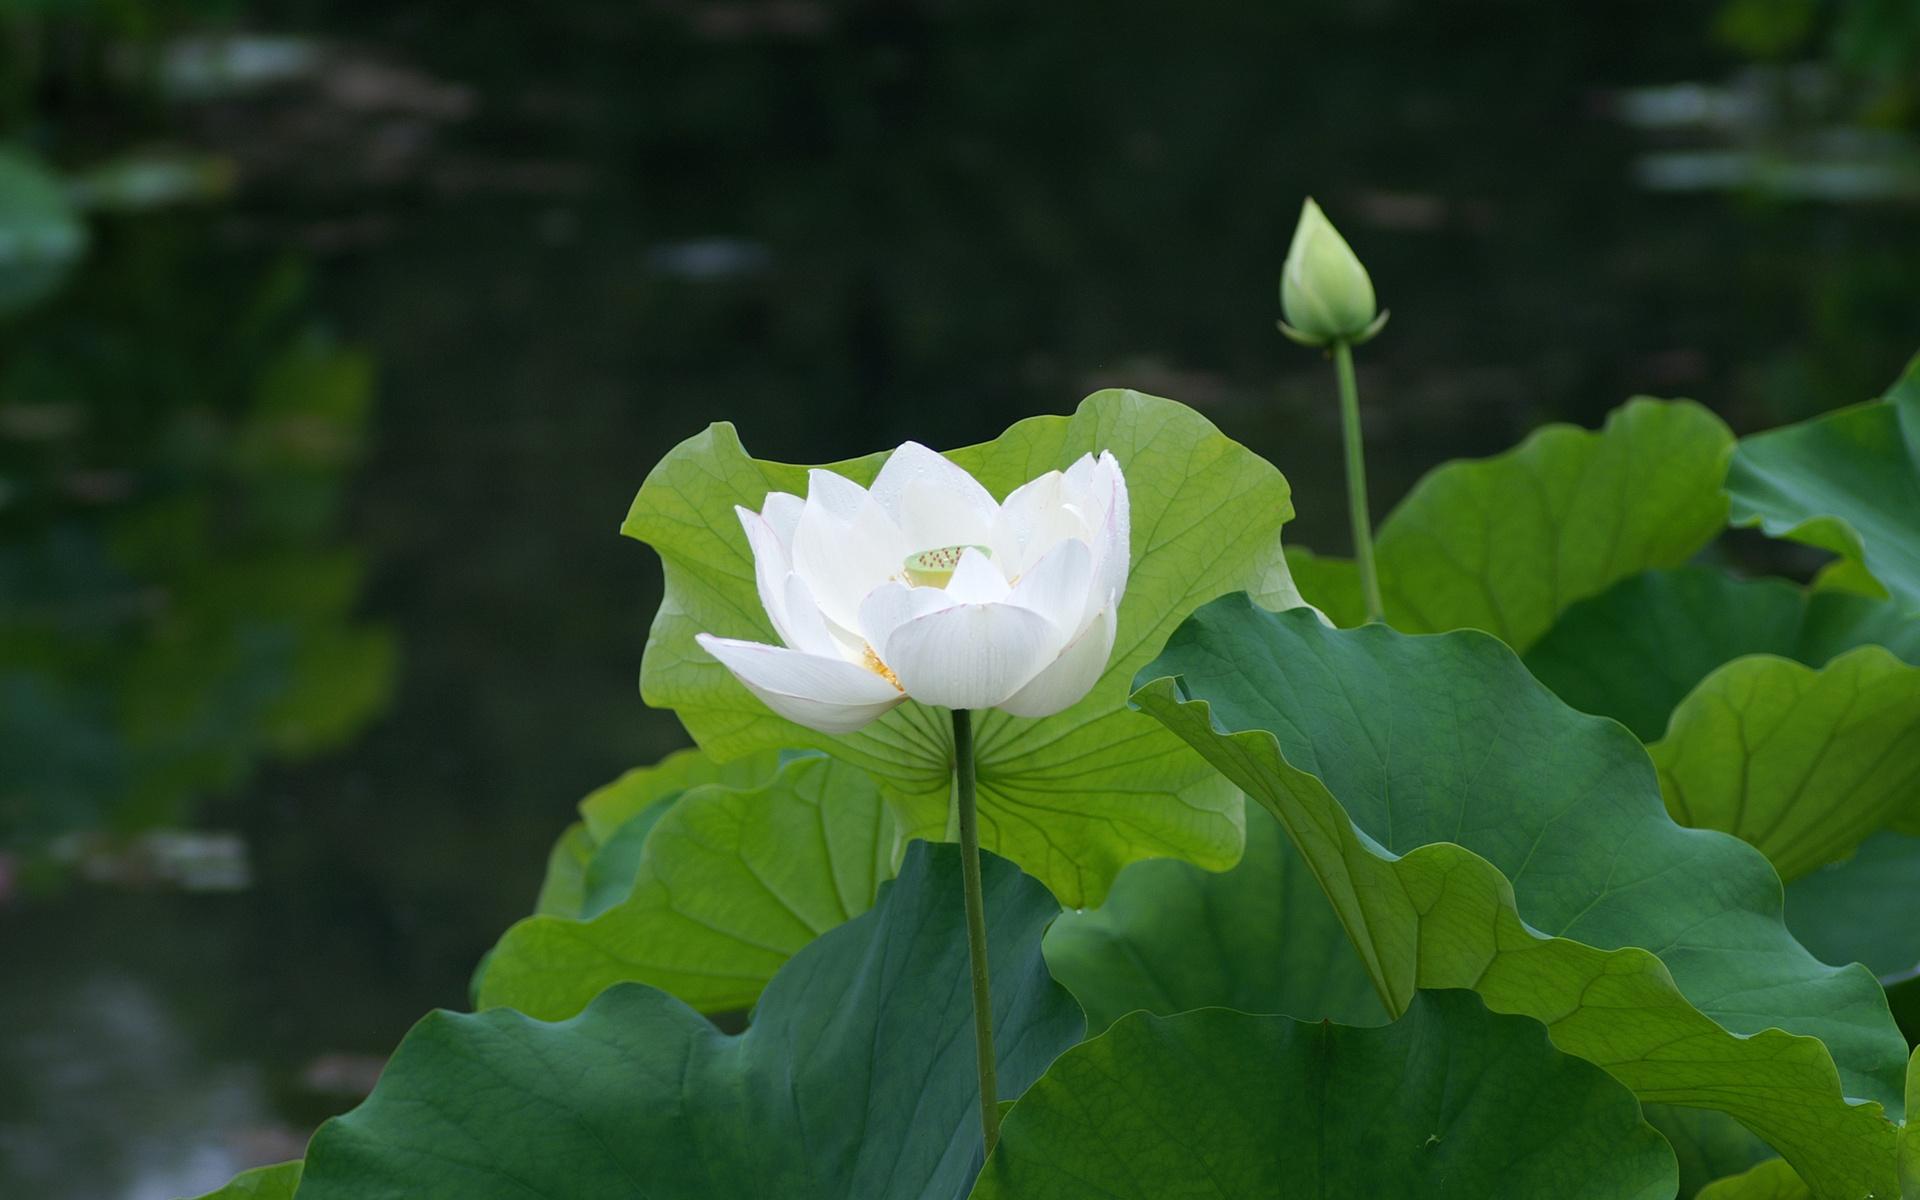 Hình nền hoa sen trắng đẹp nhất